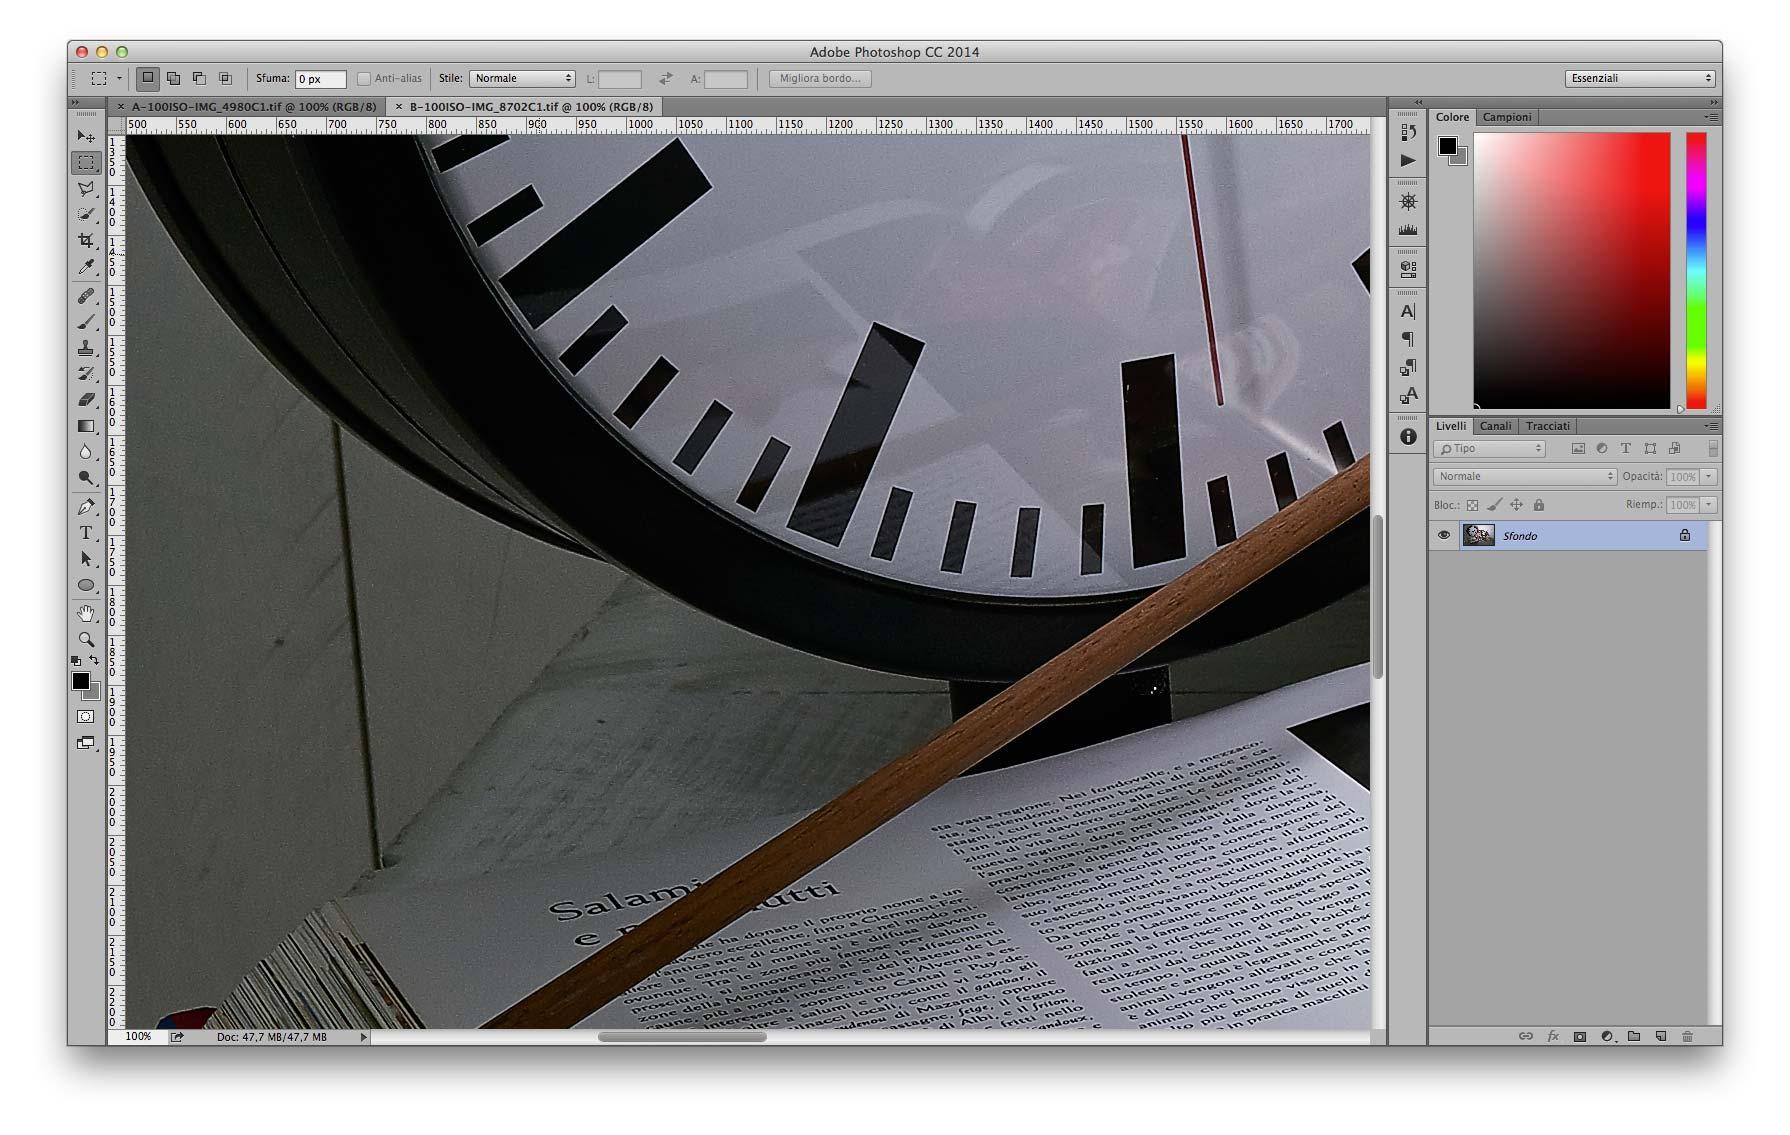 Dettaglio Ombre - B 35mm f/11 100 ISO Recuperati +2EV in sviluppo